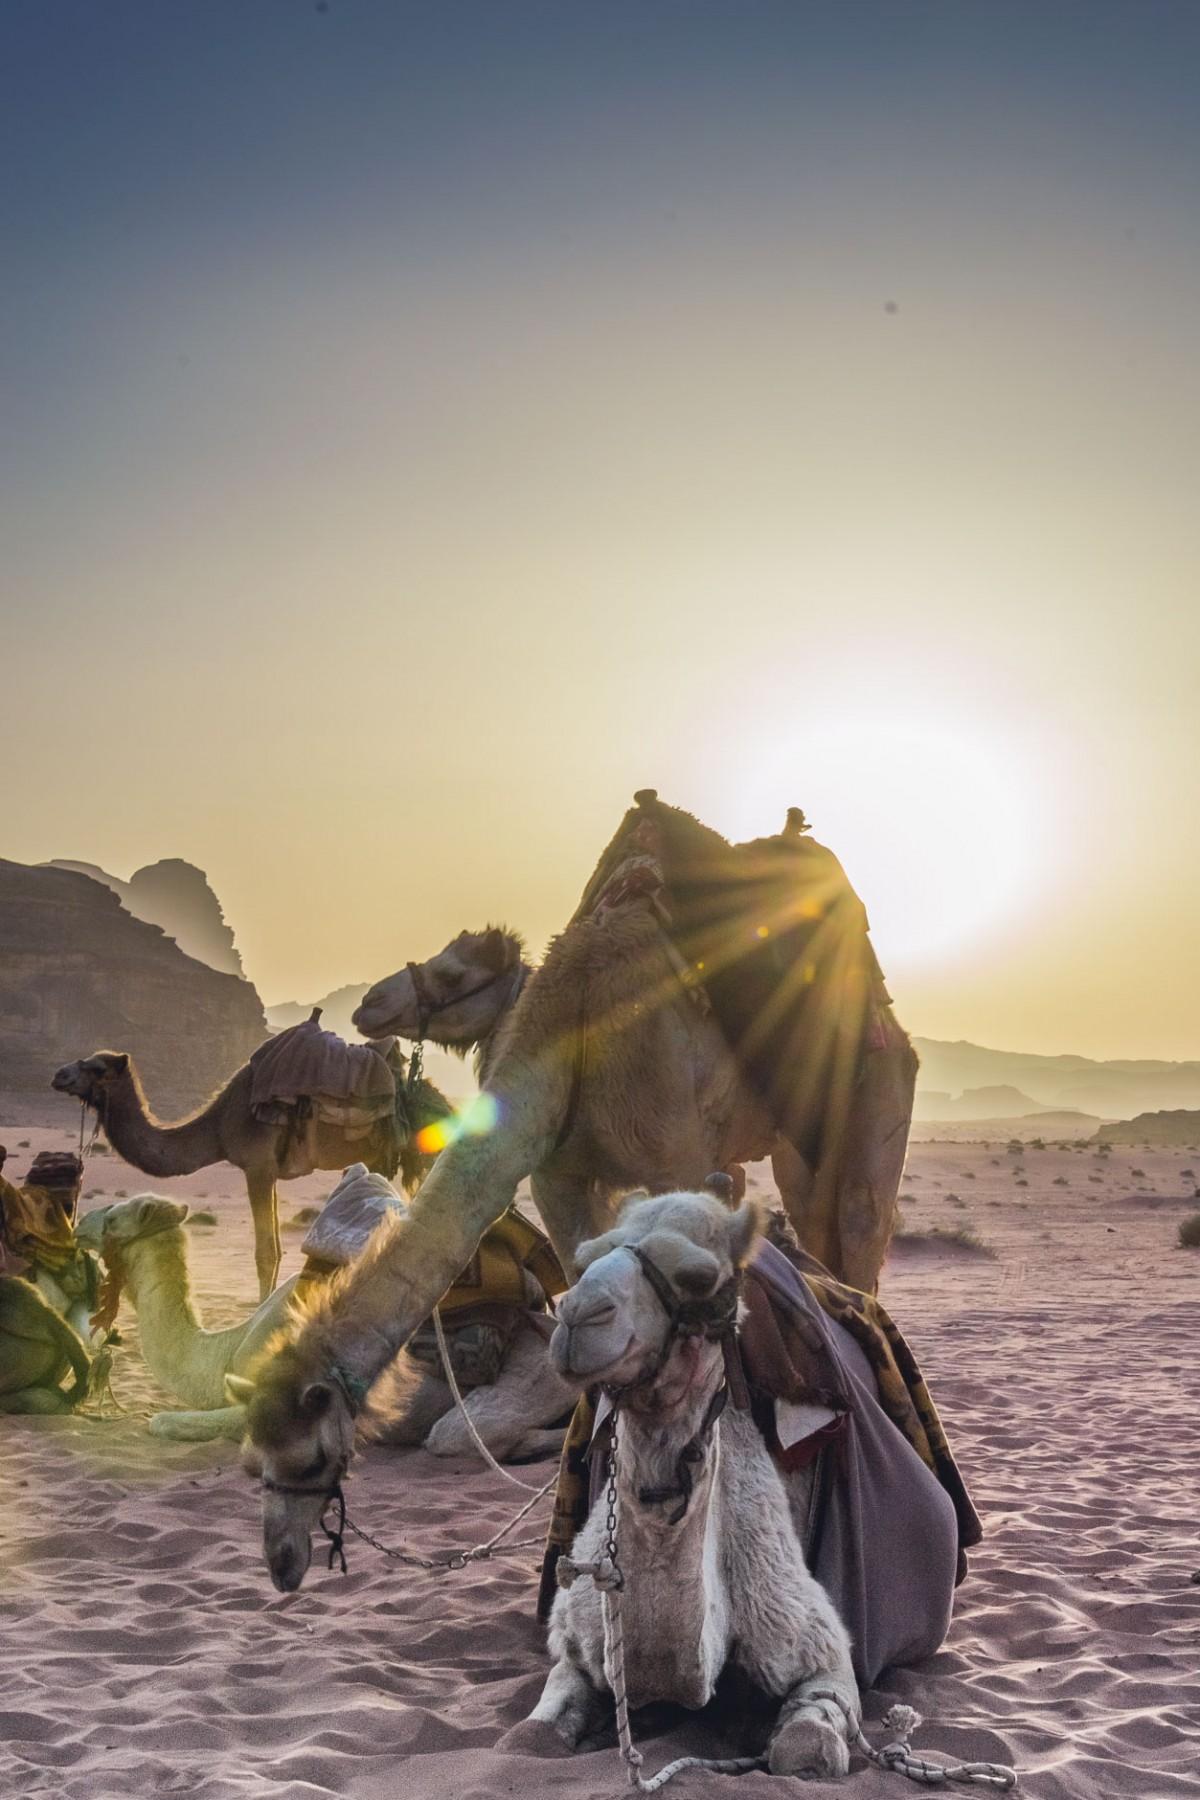 Camels in Jordan